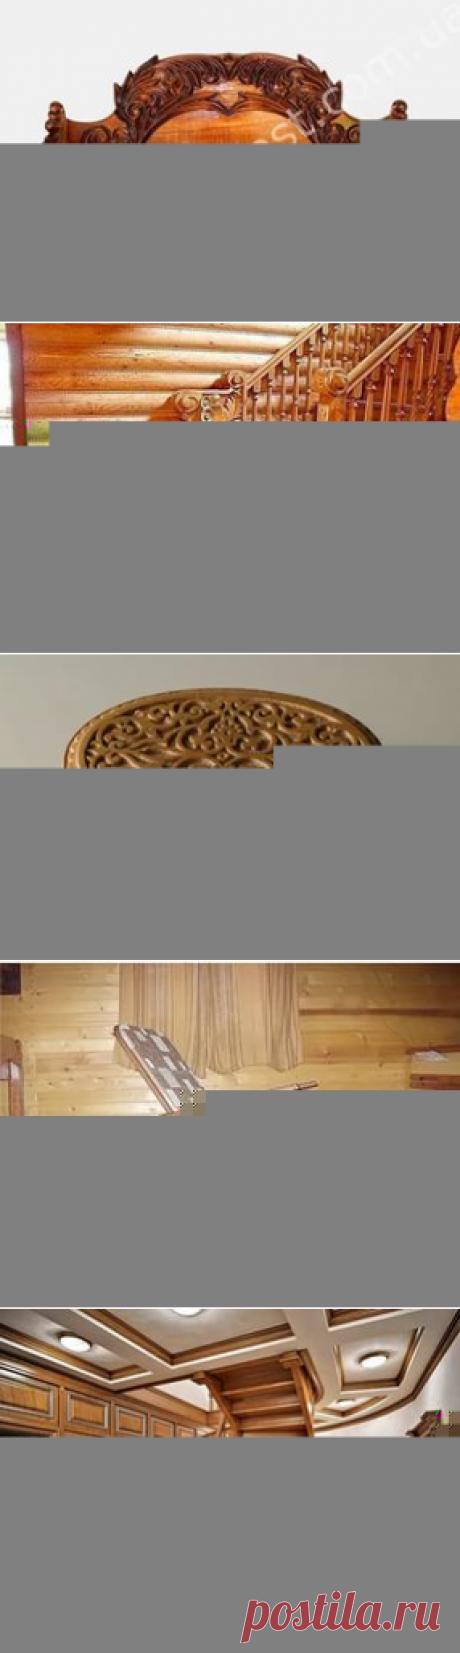 деревянные изделия своими руками: 5 тыс изображений найдено в Яндекс.Картинках